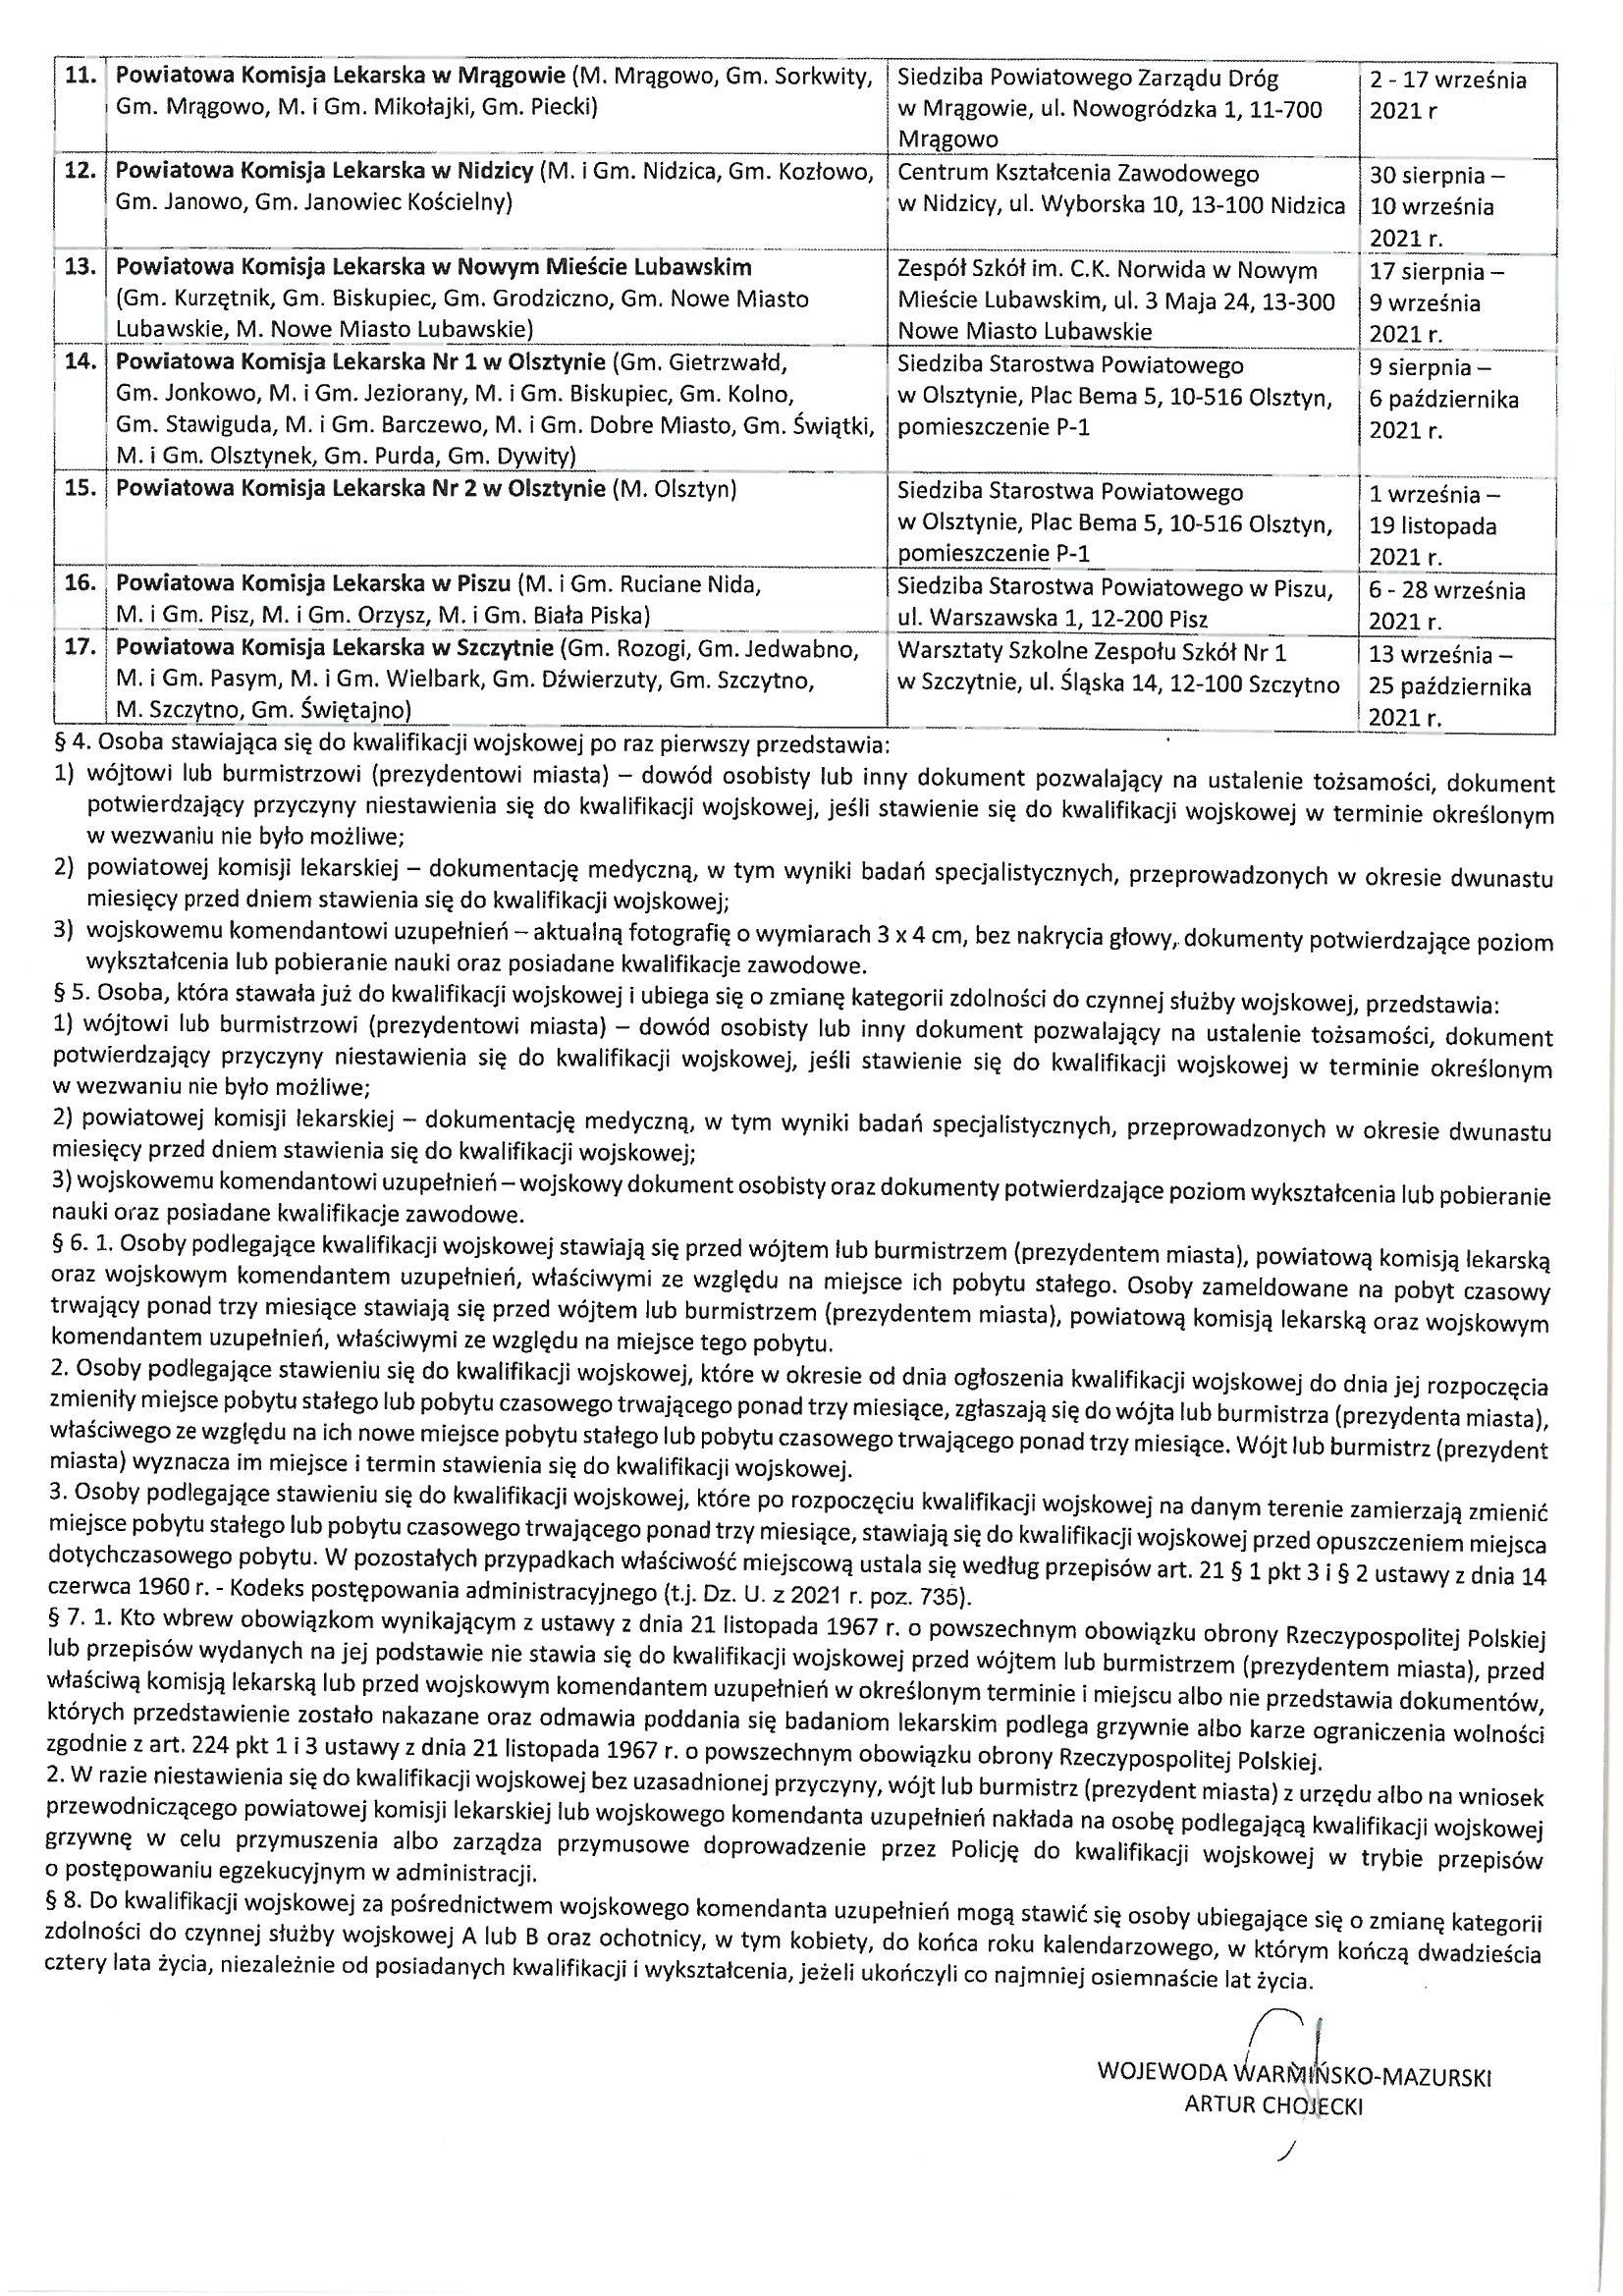 Obwieszczenie Wojewody Warmińsko-Mazurskiego z dnia 12 lipca 2021 r. o przeprowadzeniu kwalifikacji wojskowej w 2021 r.